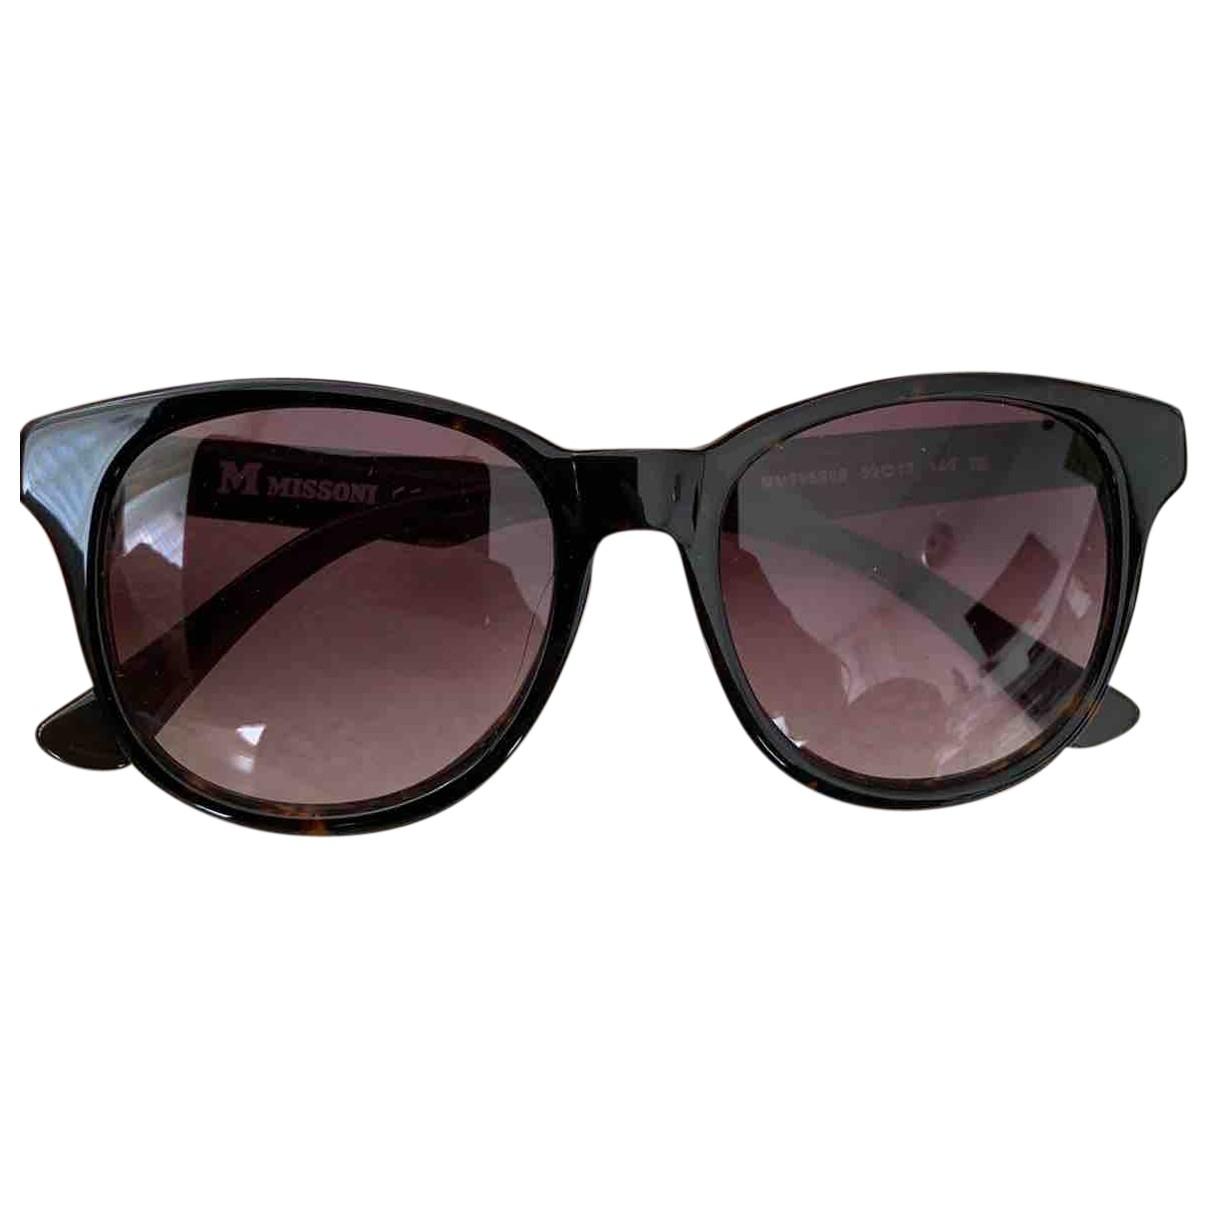 Gafas M Missoni